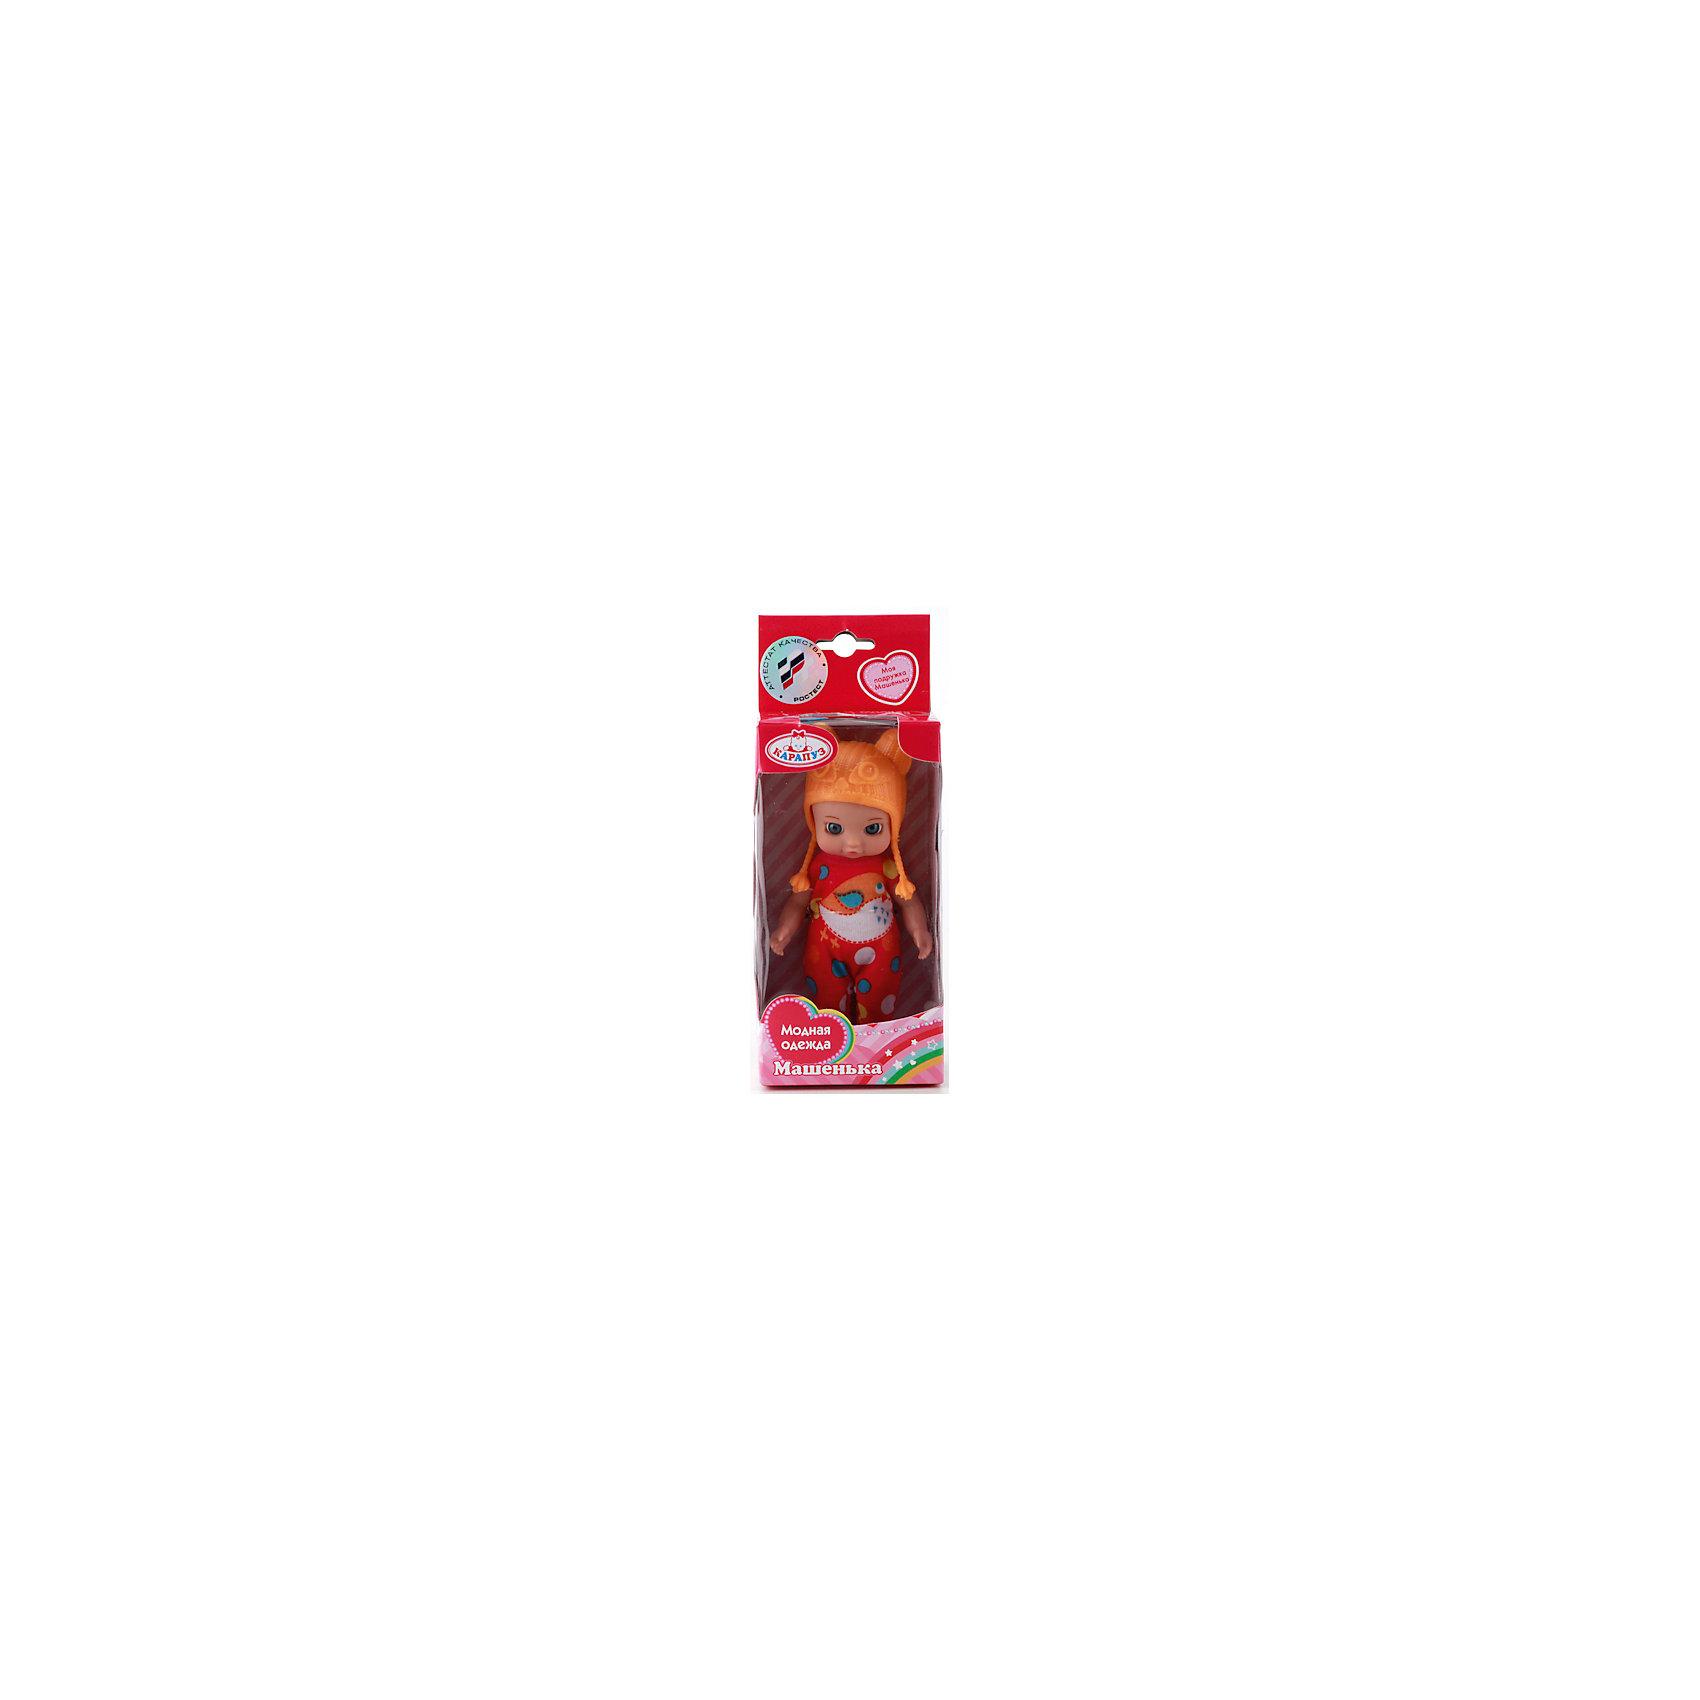 Карапуз Кукла без звука, 12 см, Карапуз карапуз кукла рапунцель со светящимся амулетом 37 см со звуком принцессы дисней карапуз